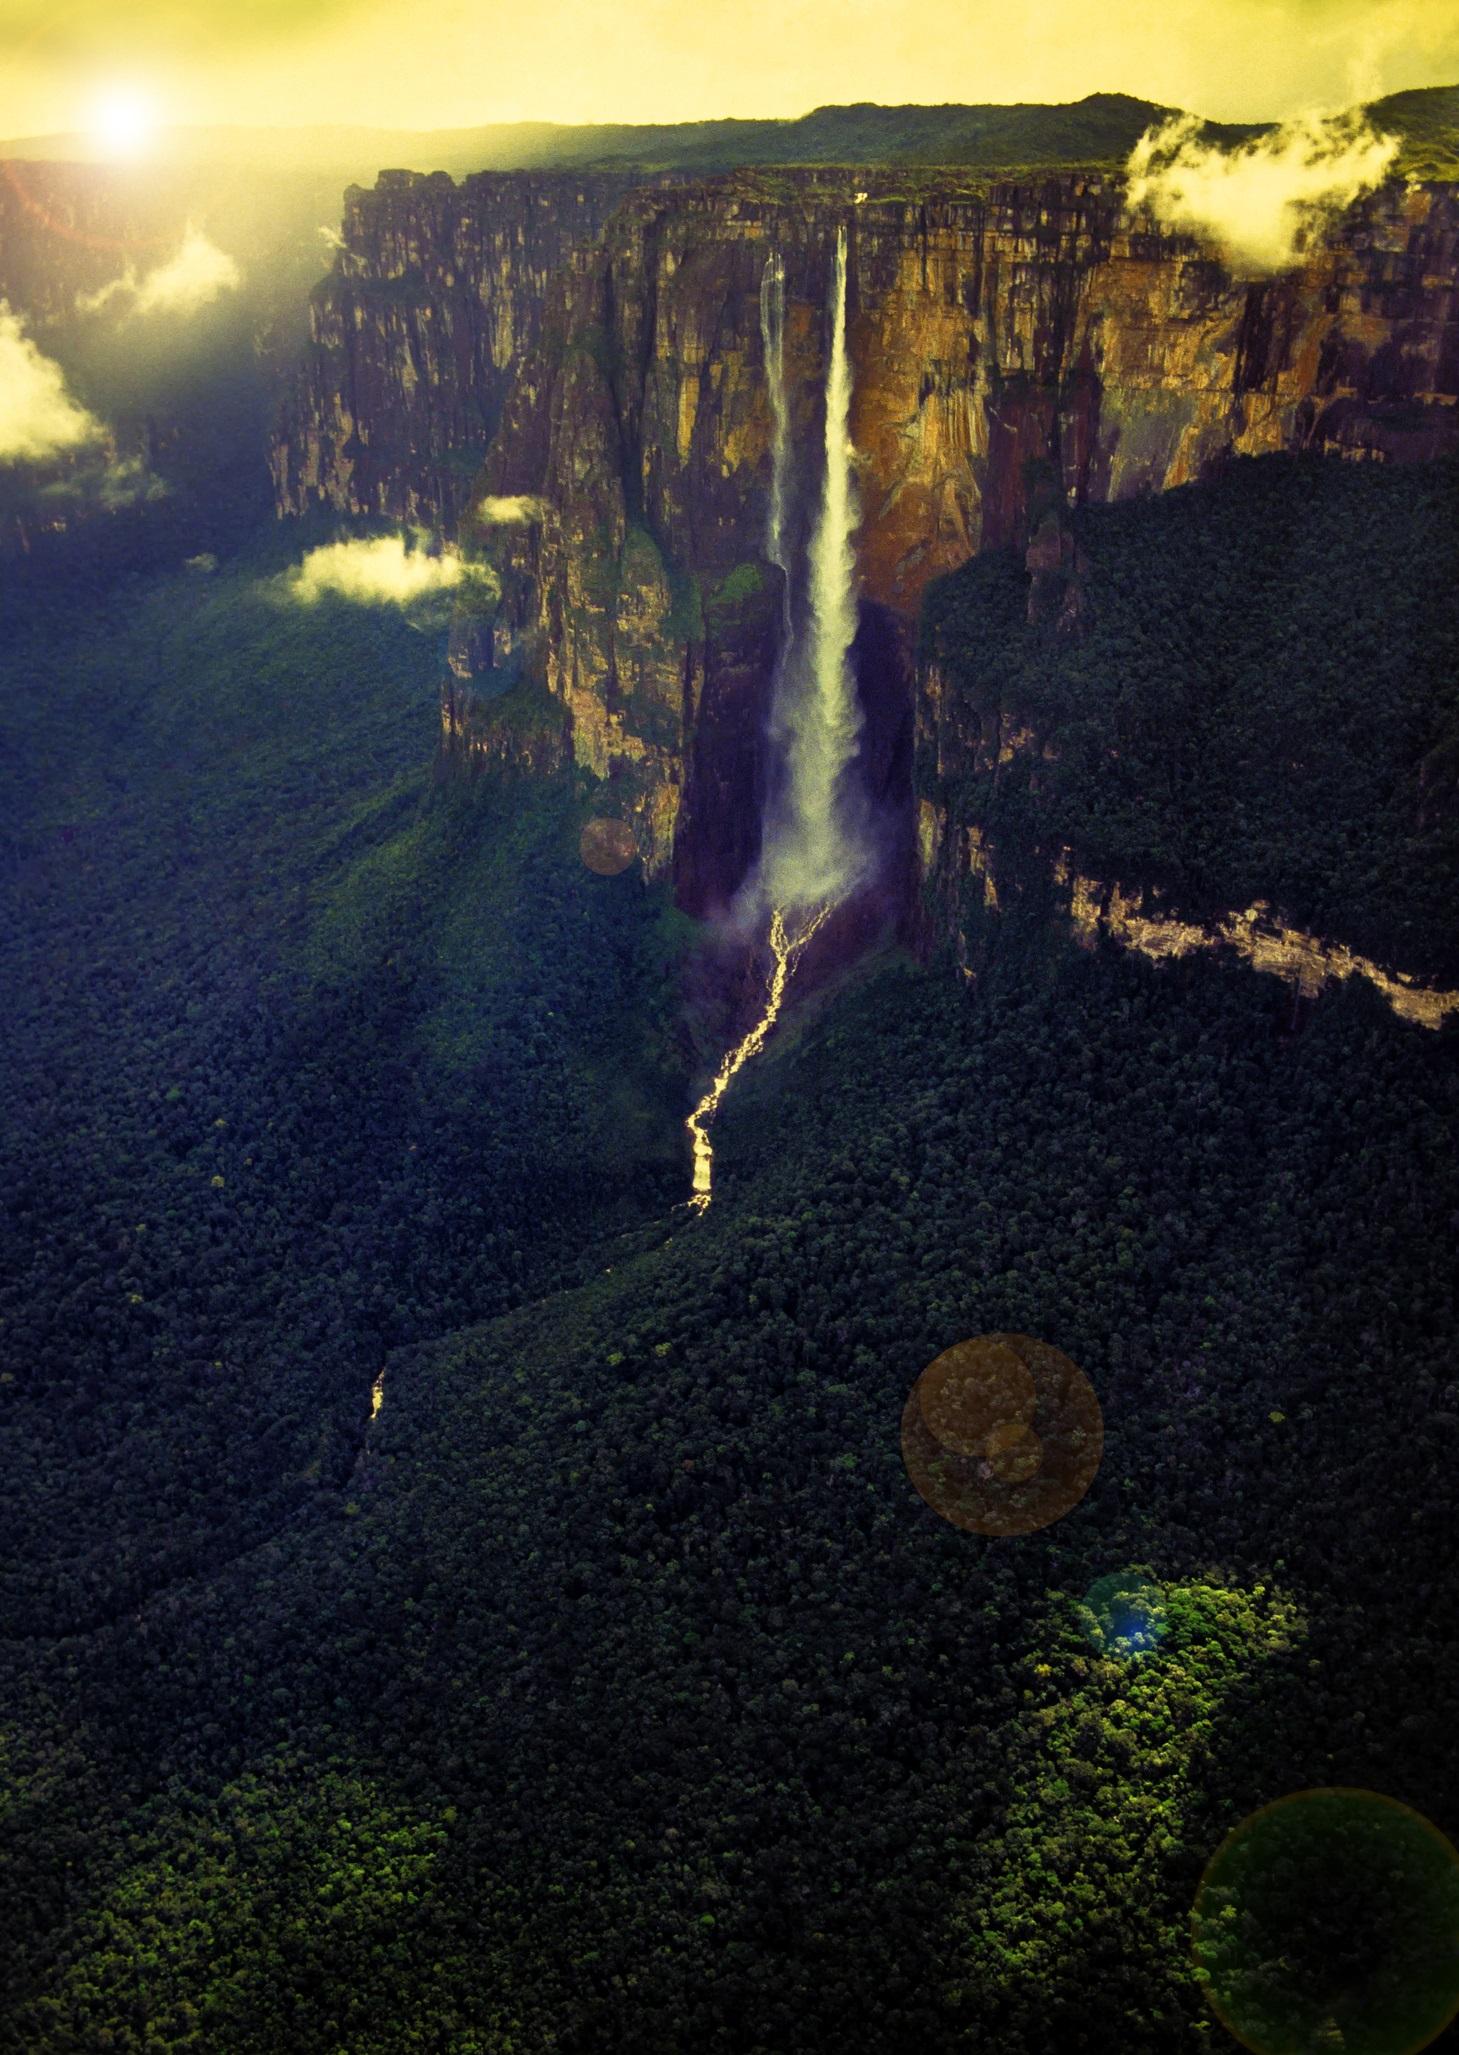 <p><strong>Анхел, Венецуела</strong></p>  <p>Със своите 979 метра Анхел е най-високият водопад в света. Намира се във Венецуела по течението на река Рио Чурун, приток на Ориноко. Падайки от такава голяма височина, водата се разпръсва на малки капчици. Анхел е трудно достъпен, до него може да се стигне само със самолет или с корабче. Пътуването до него по вода продължава цял ден.</p>